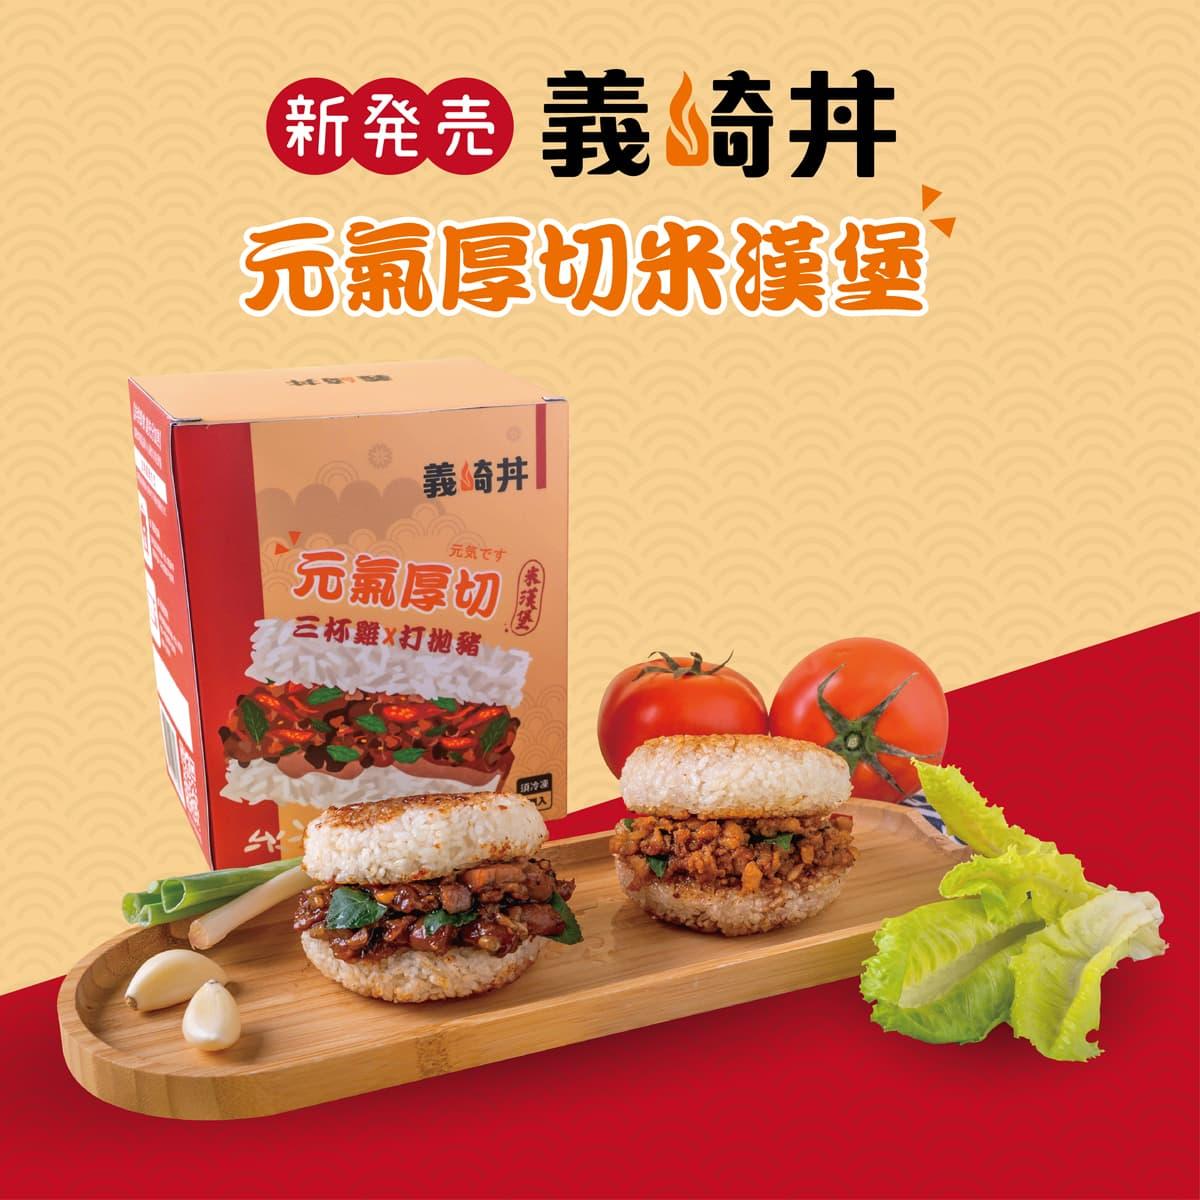 【義崎丼】元氣厚切米漢堡X6入/盒 (三杯雞*3+打拋豬*3) 免運